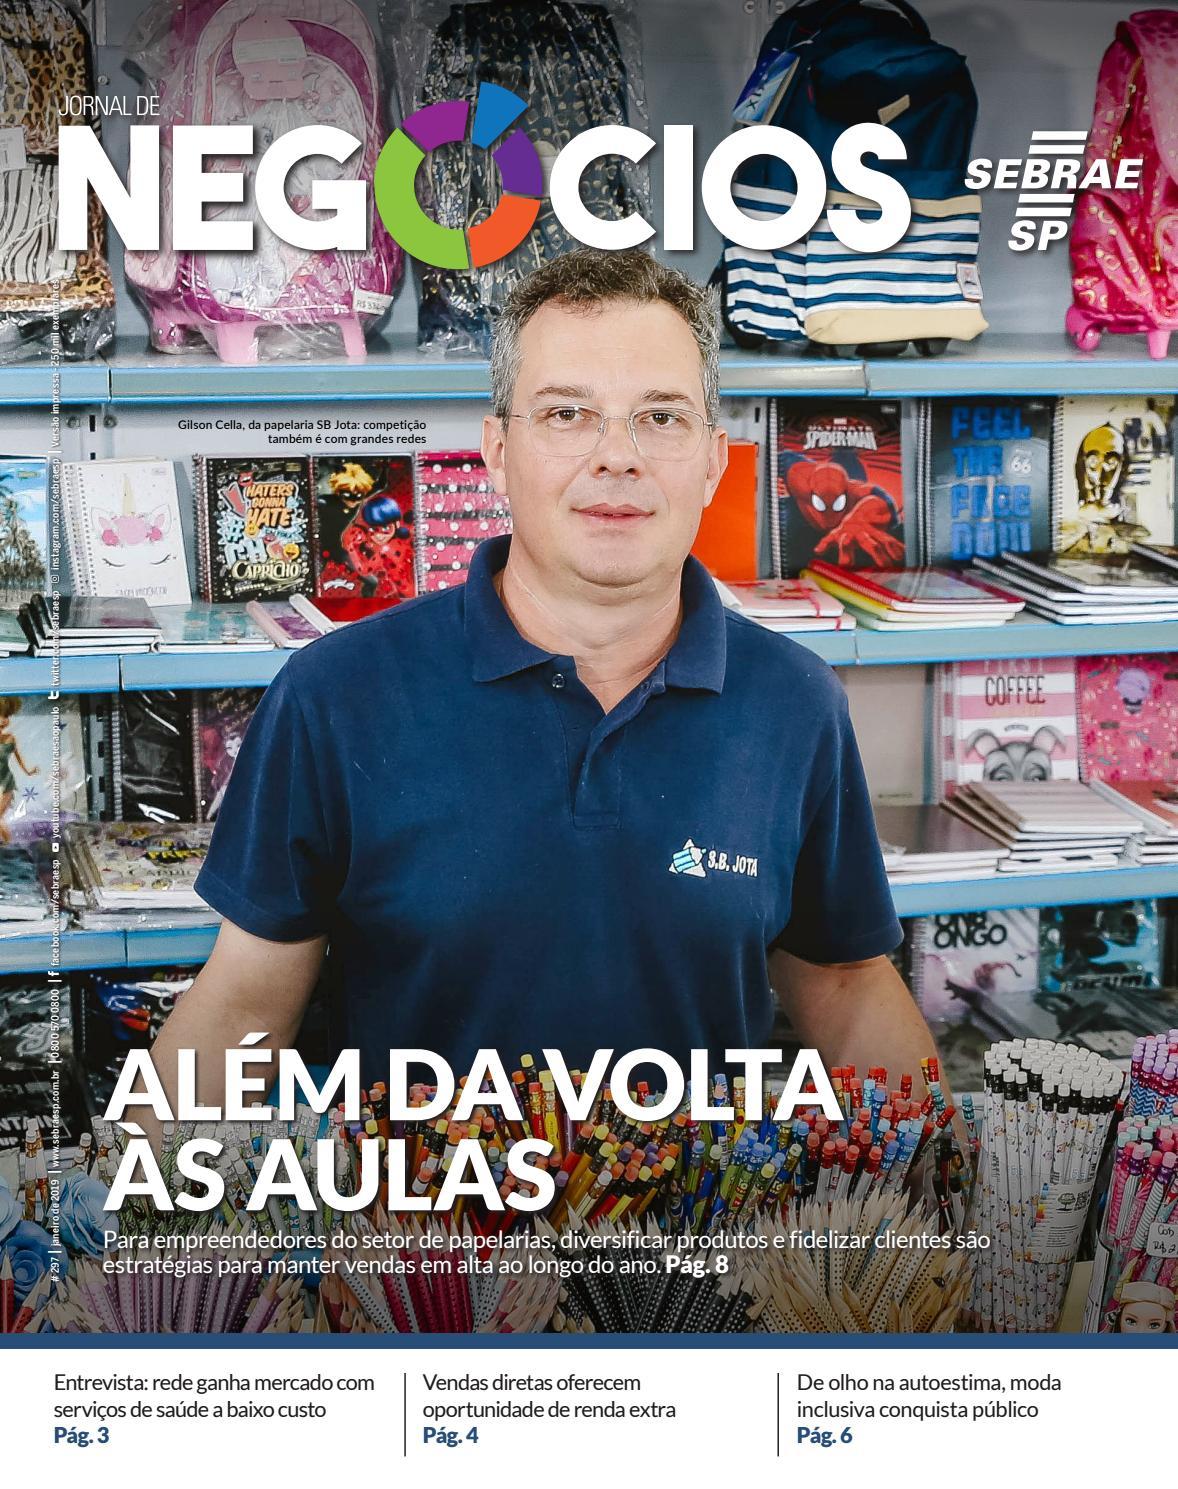 Jornal de Negócios - 01 de Janeiro de 2019 - Edição 297 by Sebrae-SP - issuu b1ed7064d673f